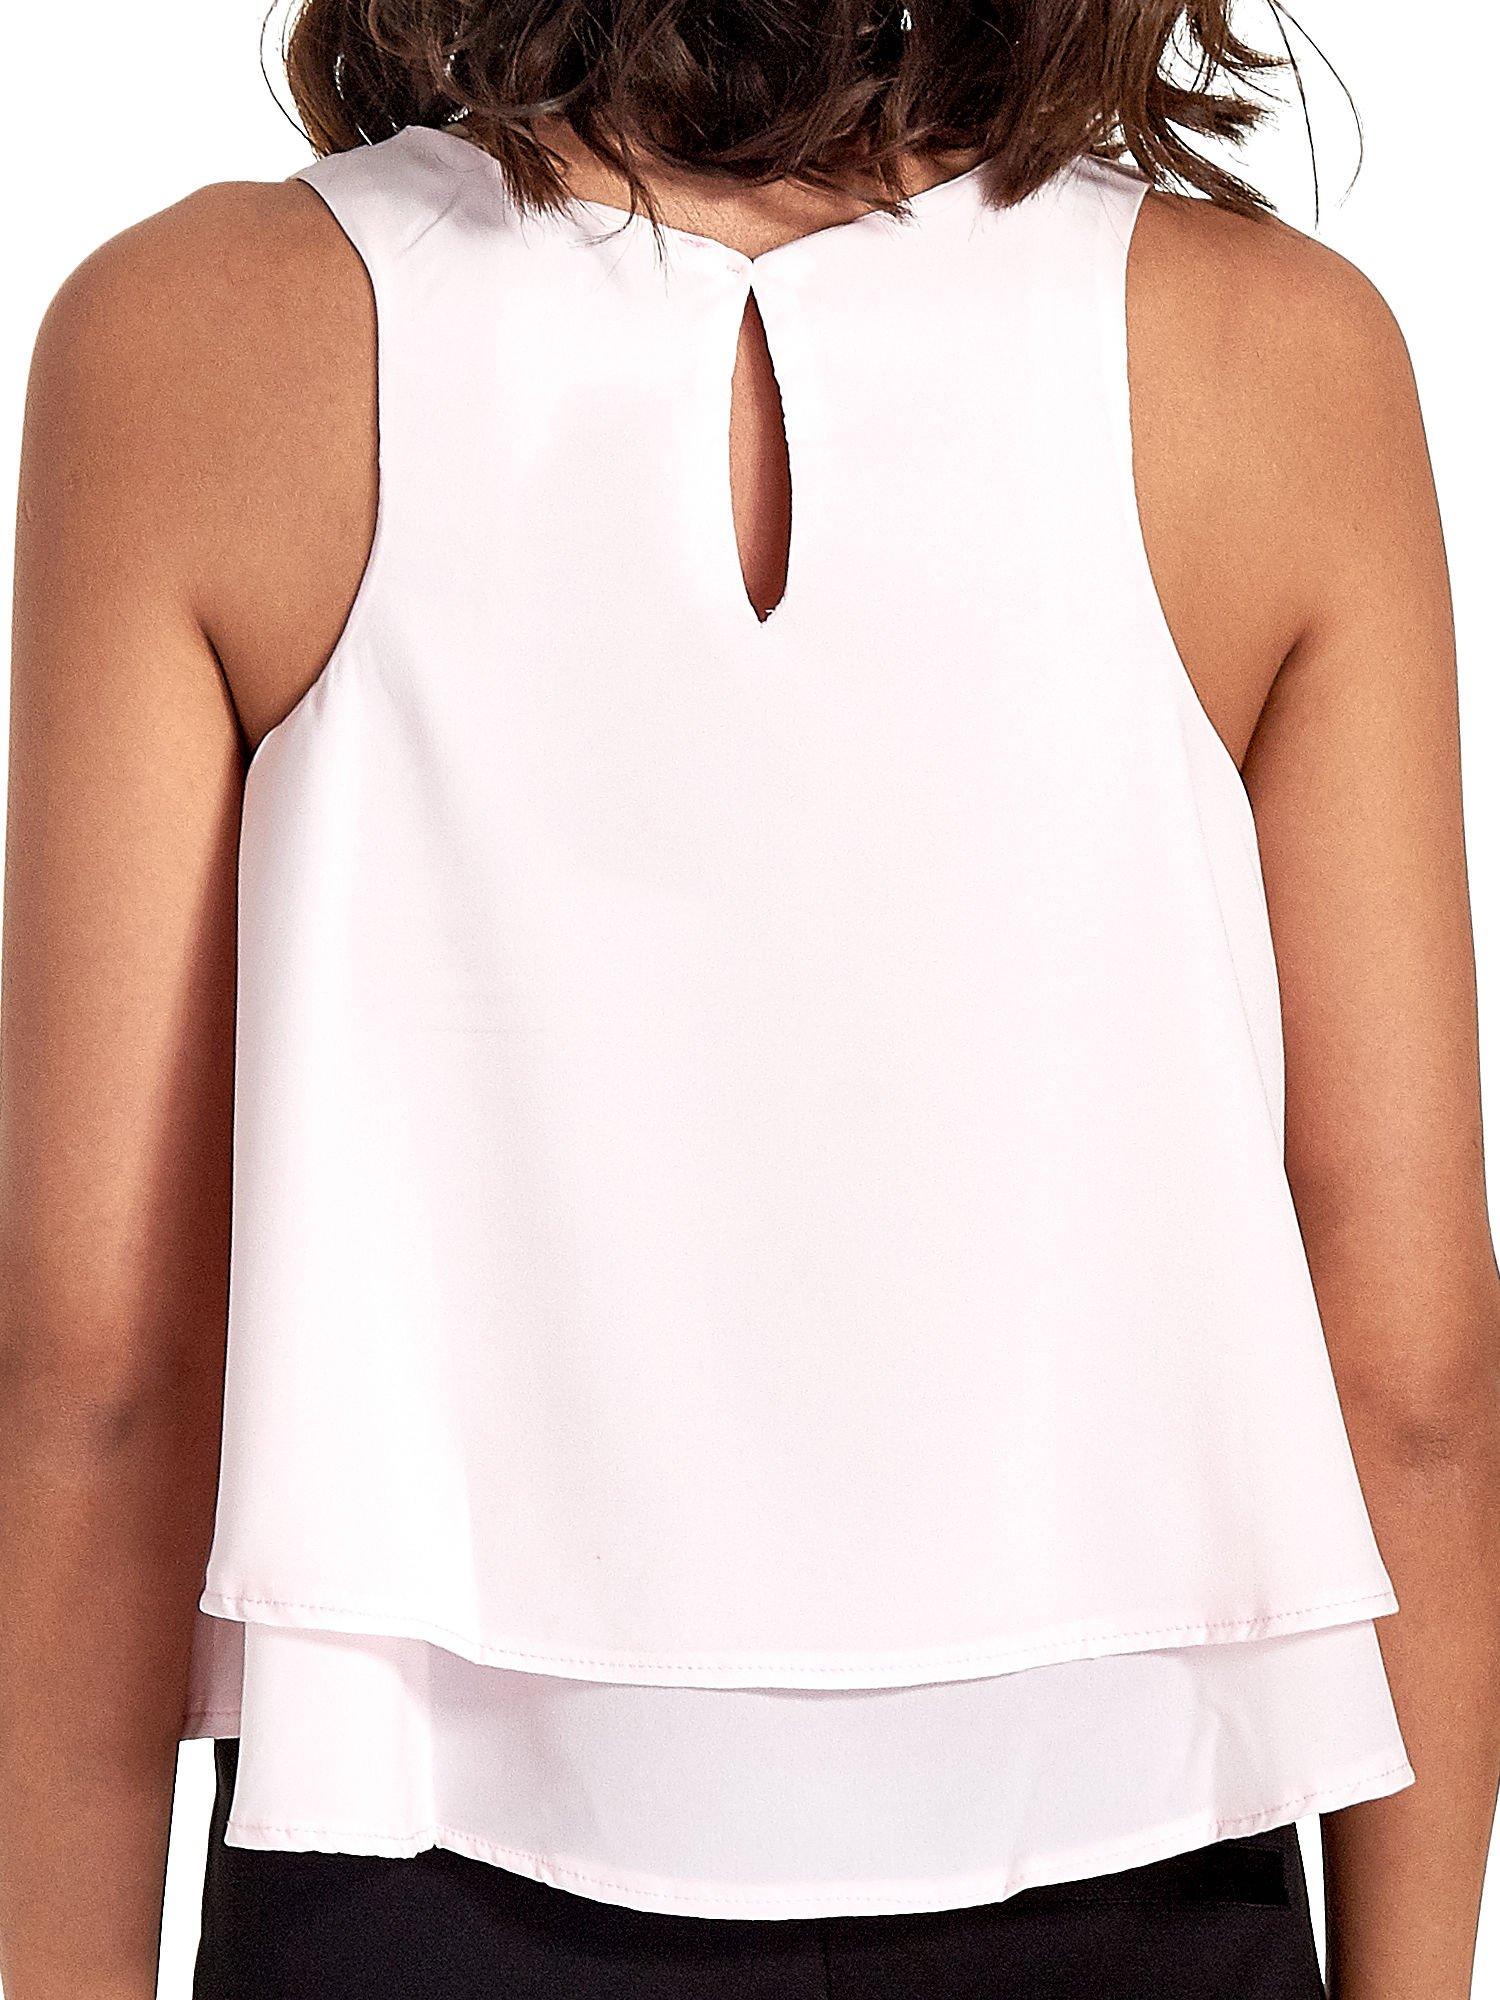 Jasnoróżowa dwuwarstwowa bluzka koszulowa z cekinowym dekoltem                                  zdj.                                  6